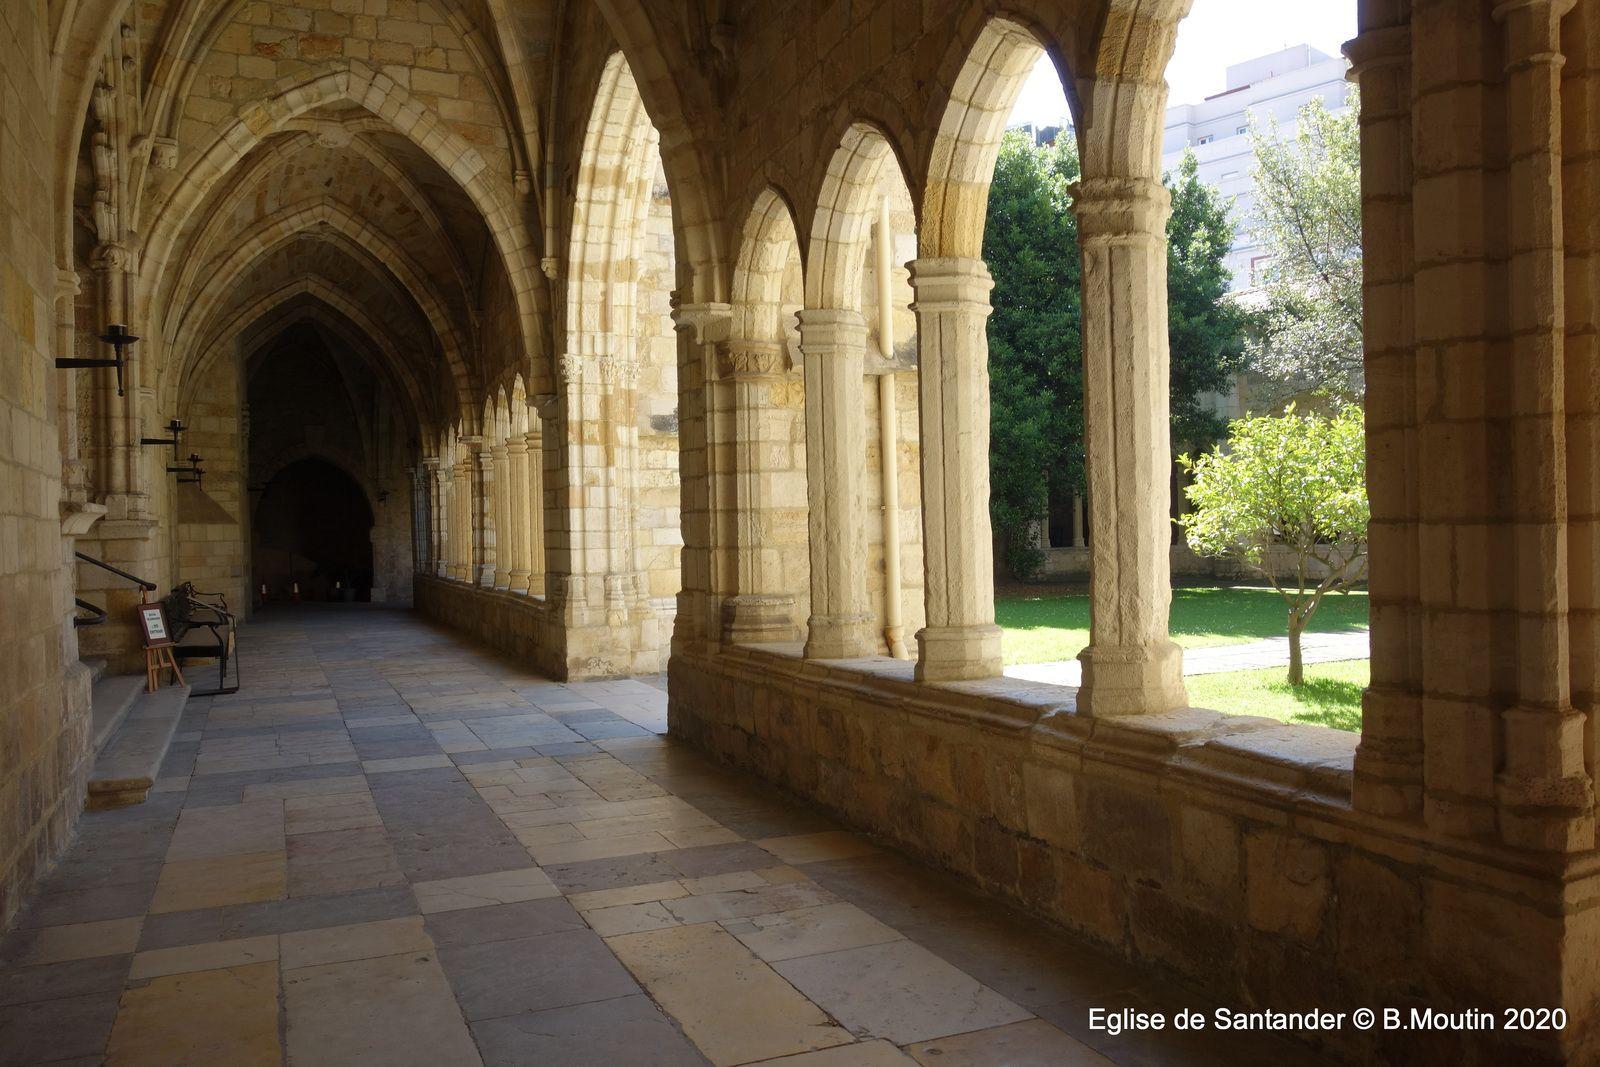 L'église de Santander en Espagne (10 photos)